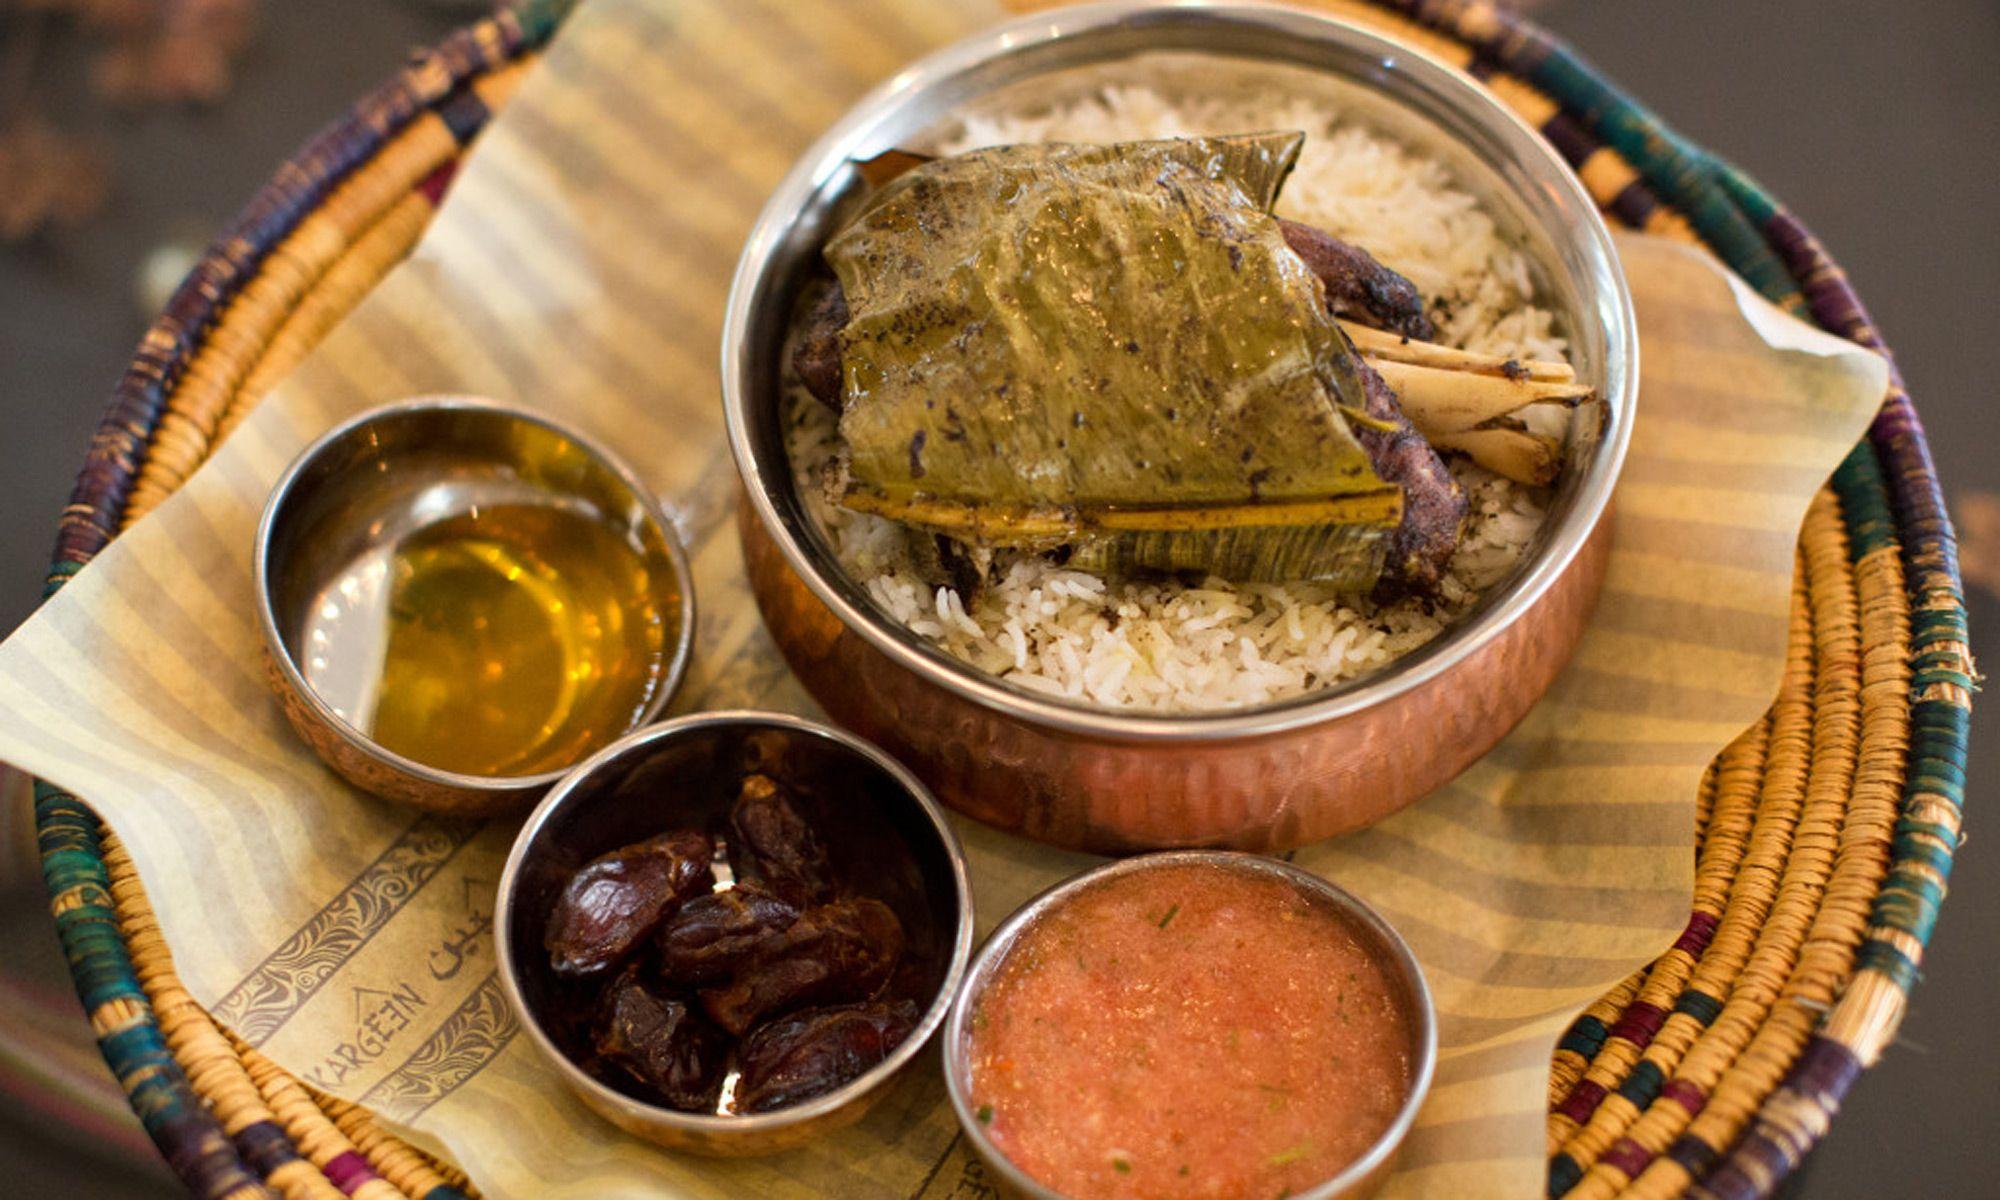 غذاهای عمانی با طعم لذیذ